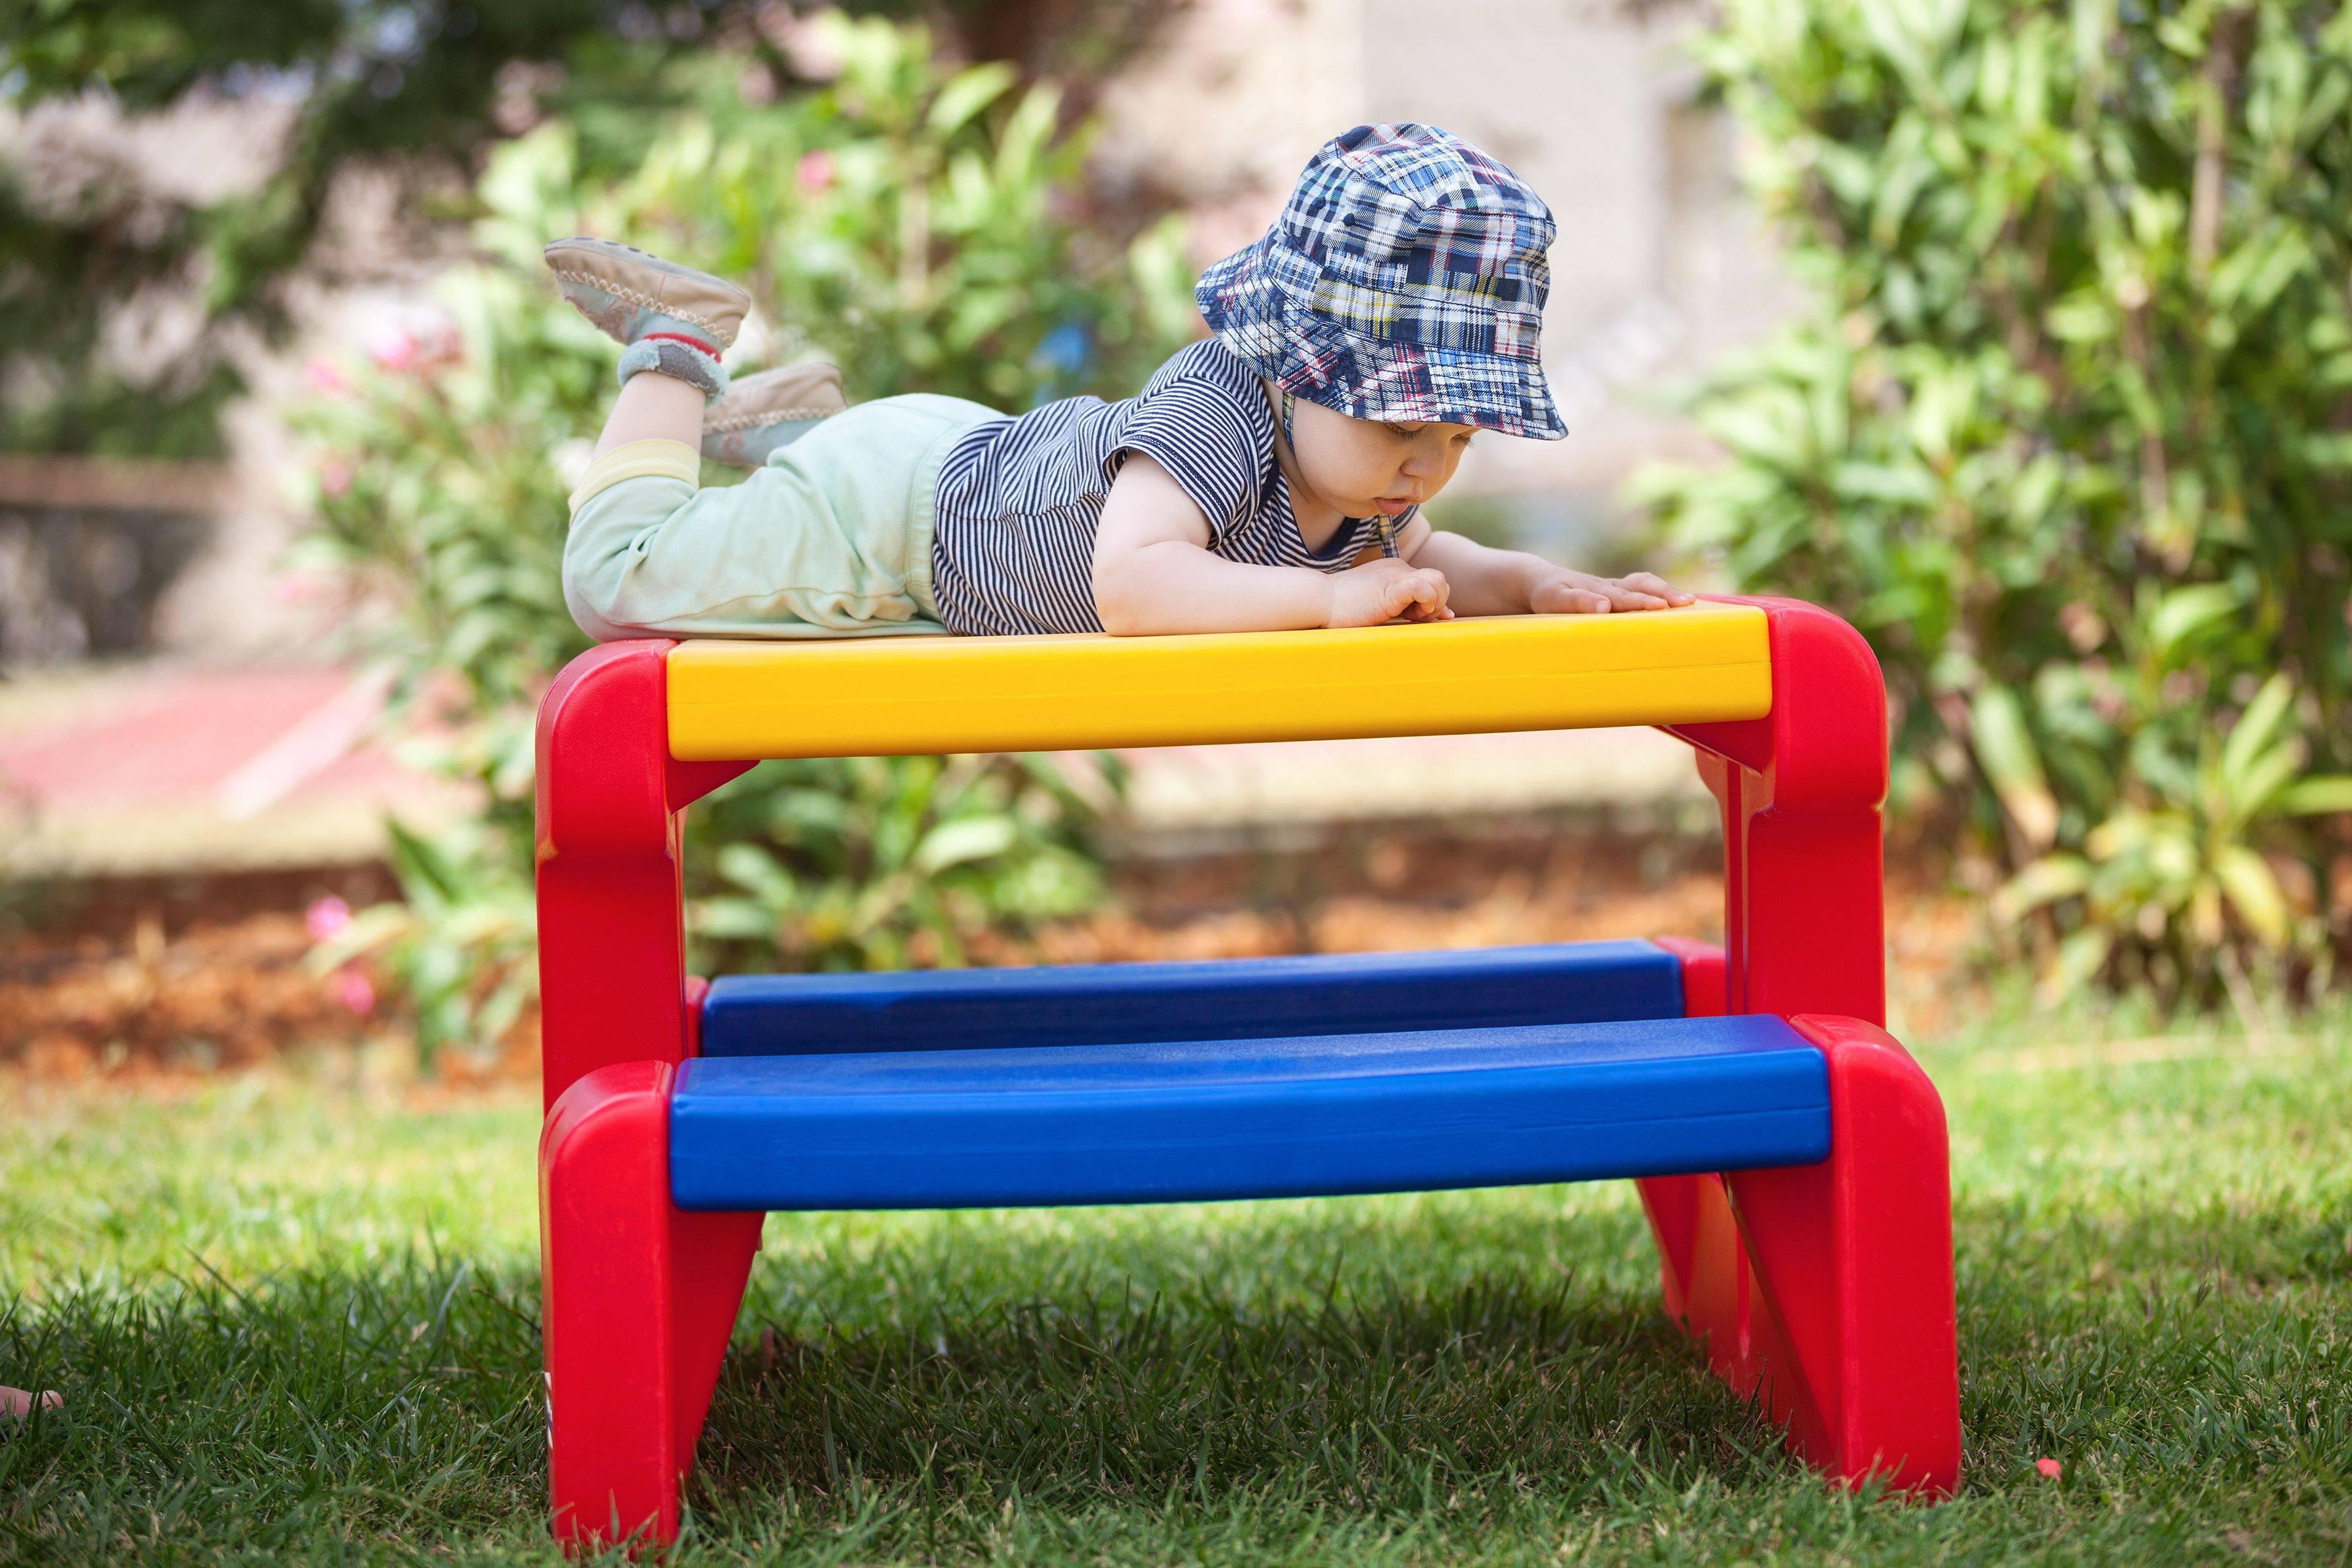 Mobilier de jardin pour enfant  : comment choisir